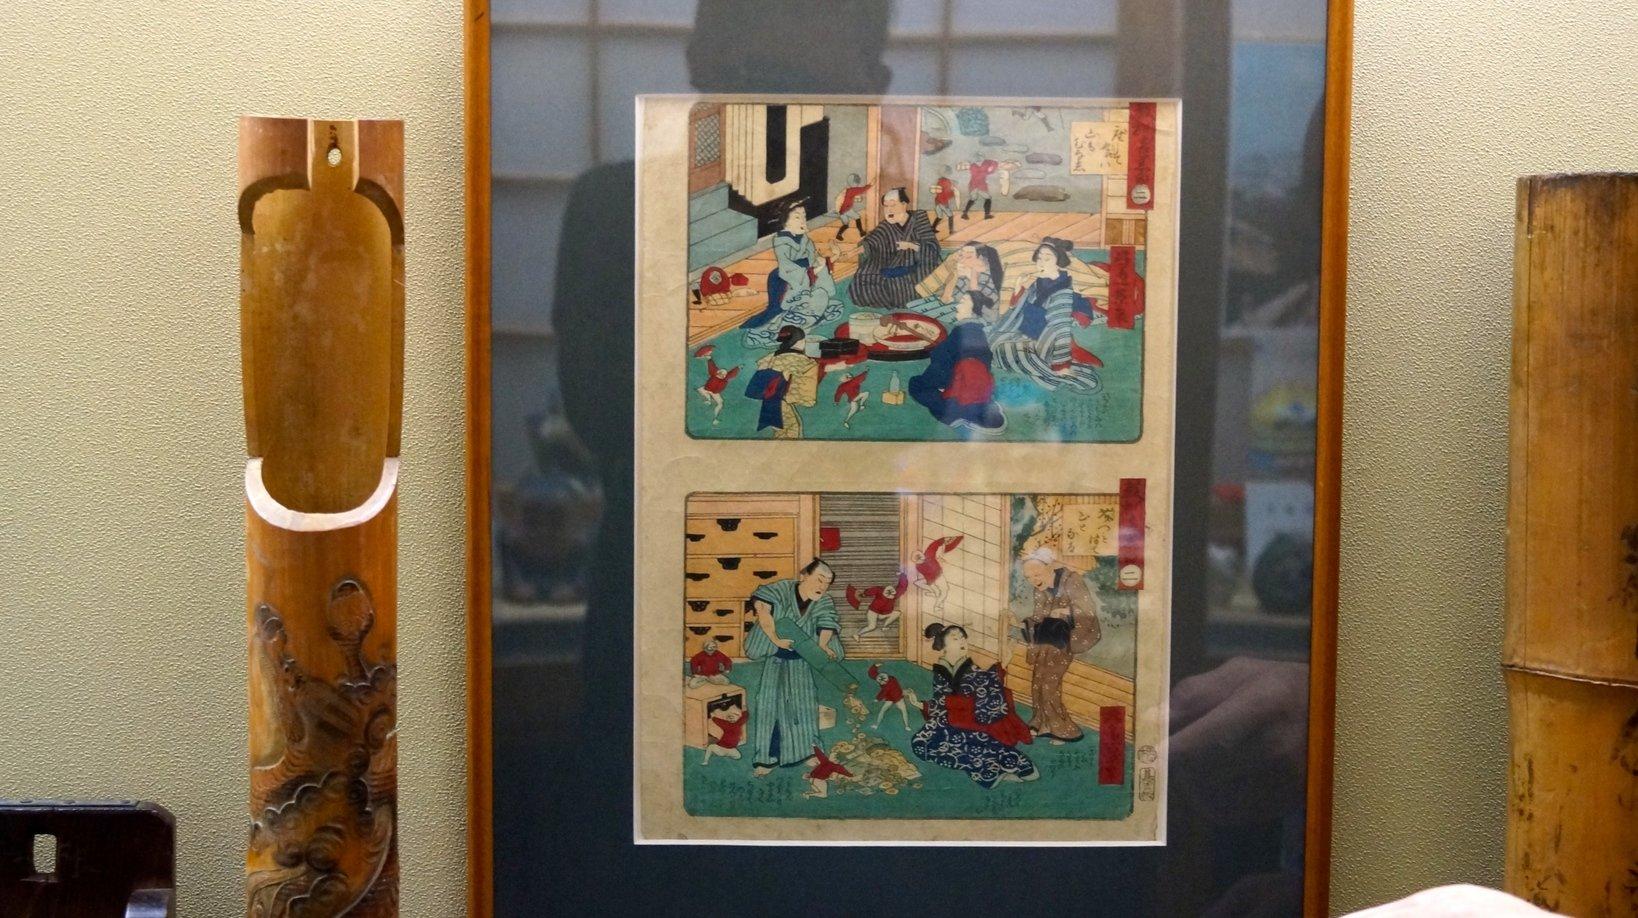 江戸時代の貯金箱を利用している日常風景。泥棒対策として貯金箱には見えない「花差し型の貯金箱」にお金を隠していた